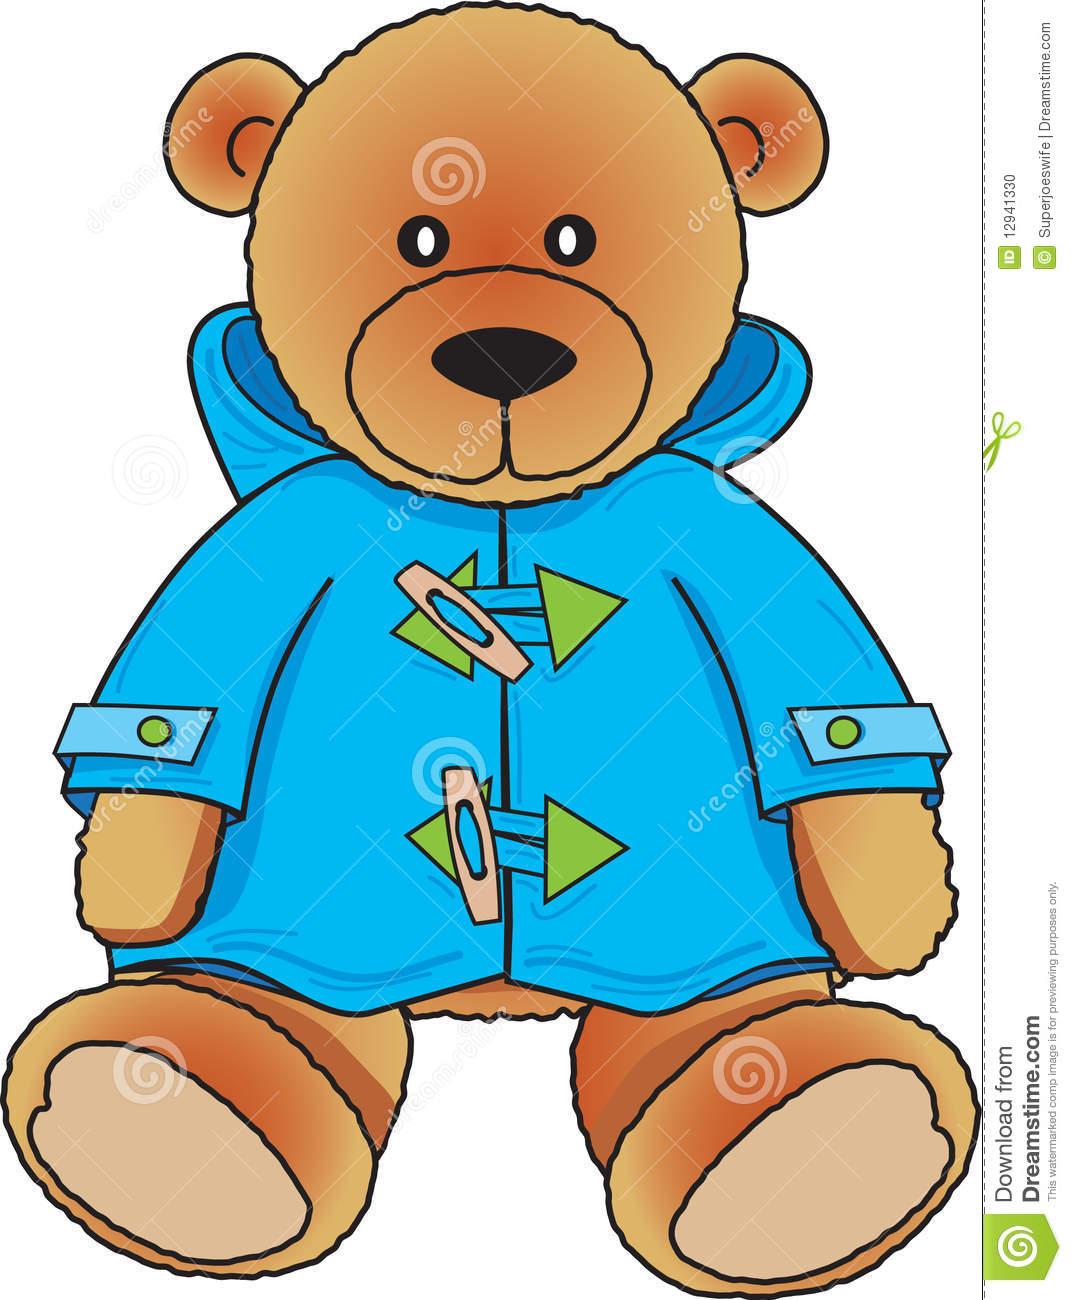 Blue Teddy Bear Clipart - Clipart Kid